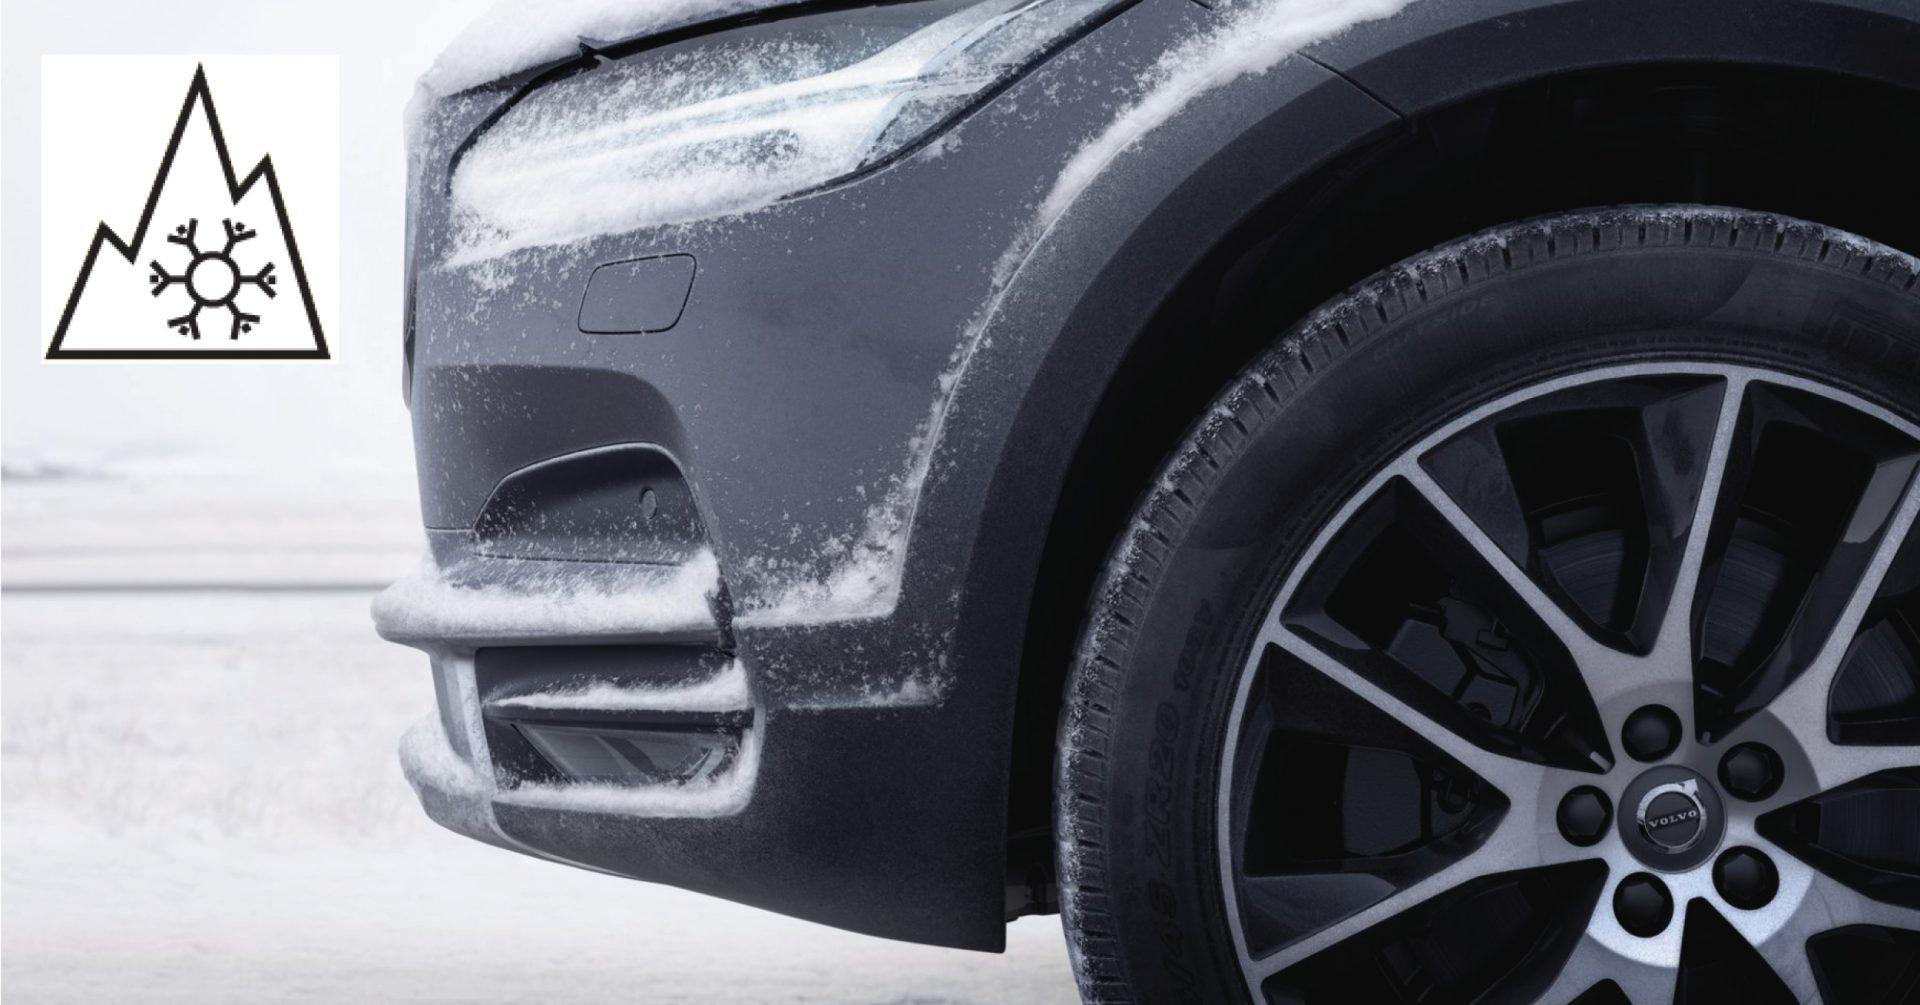 Volvo_Winterreifensymbol